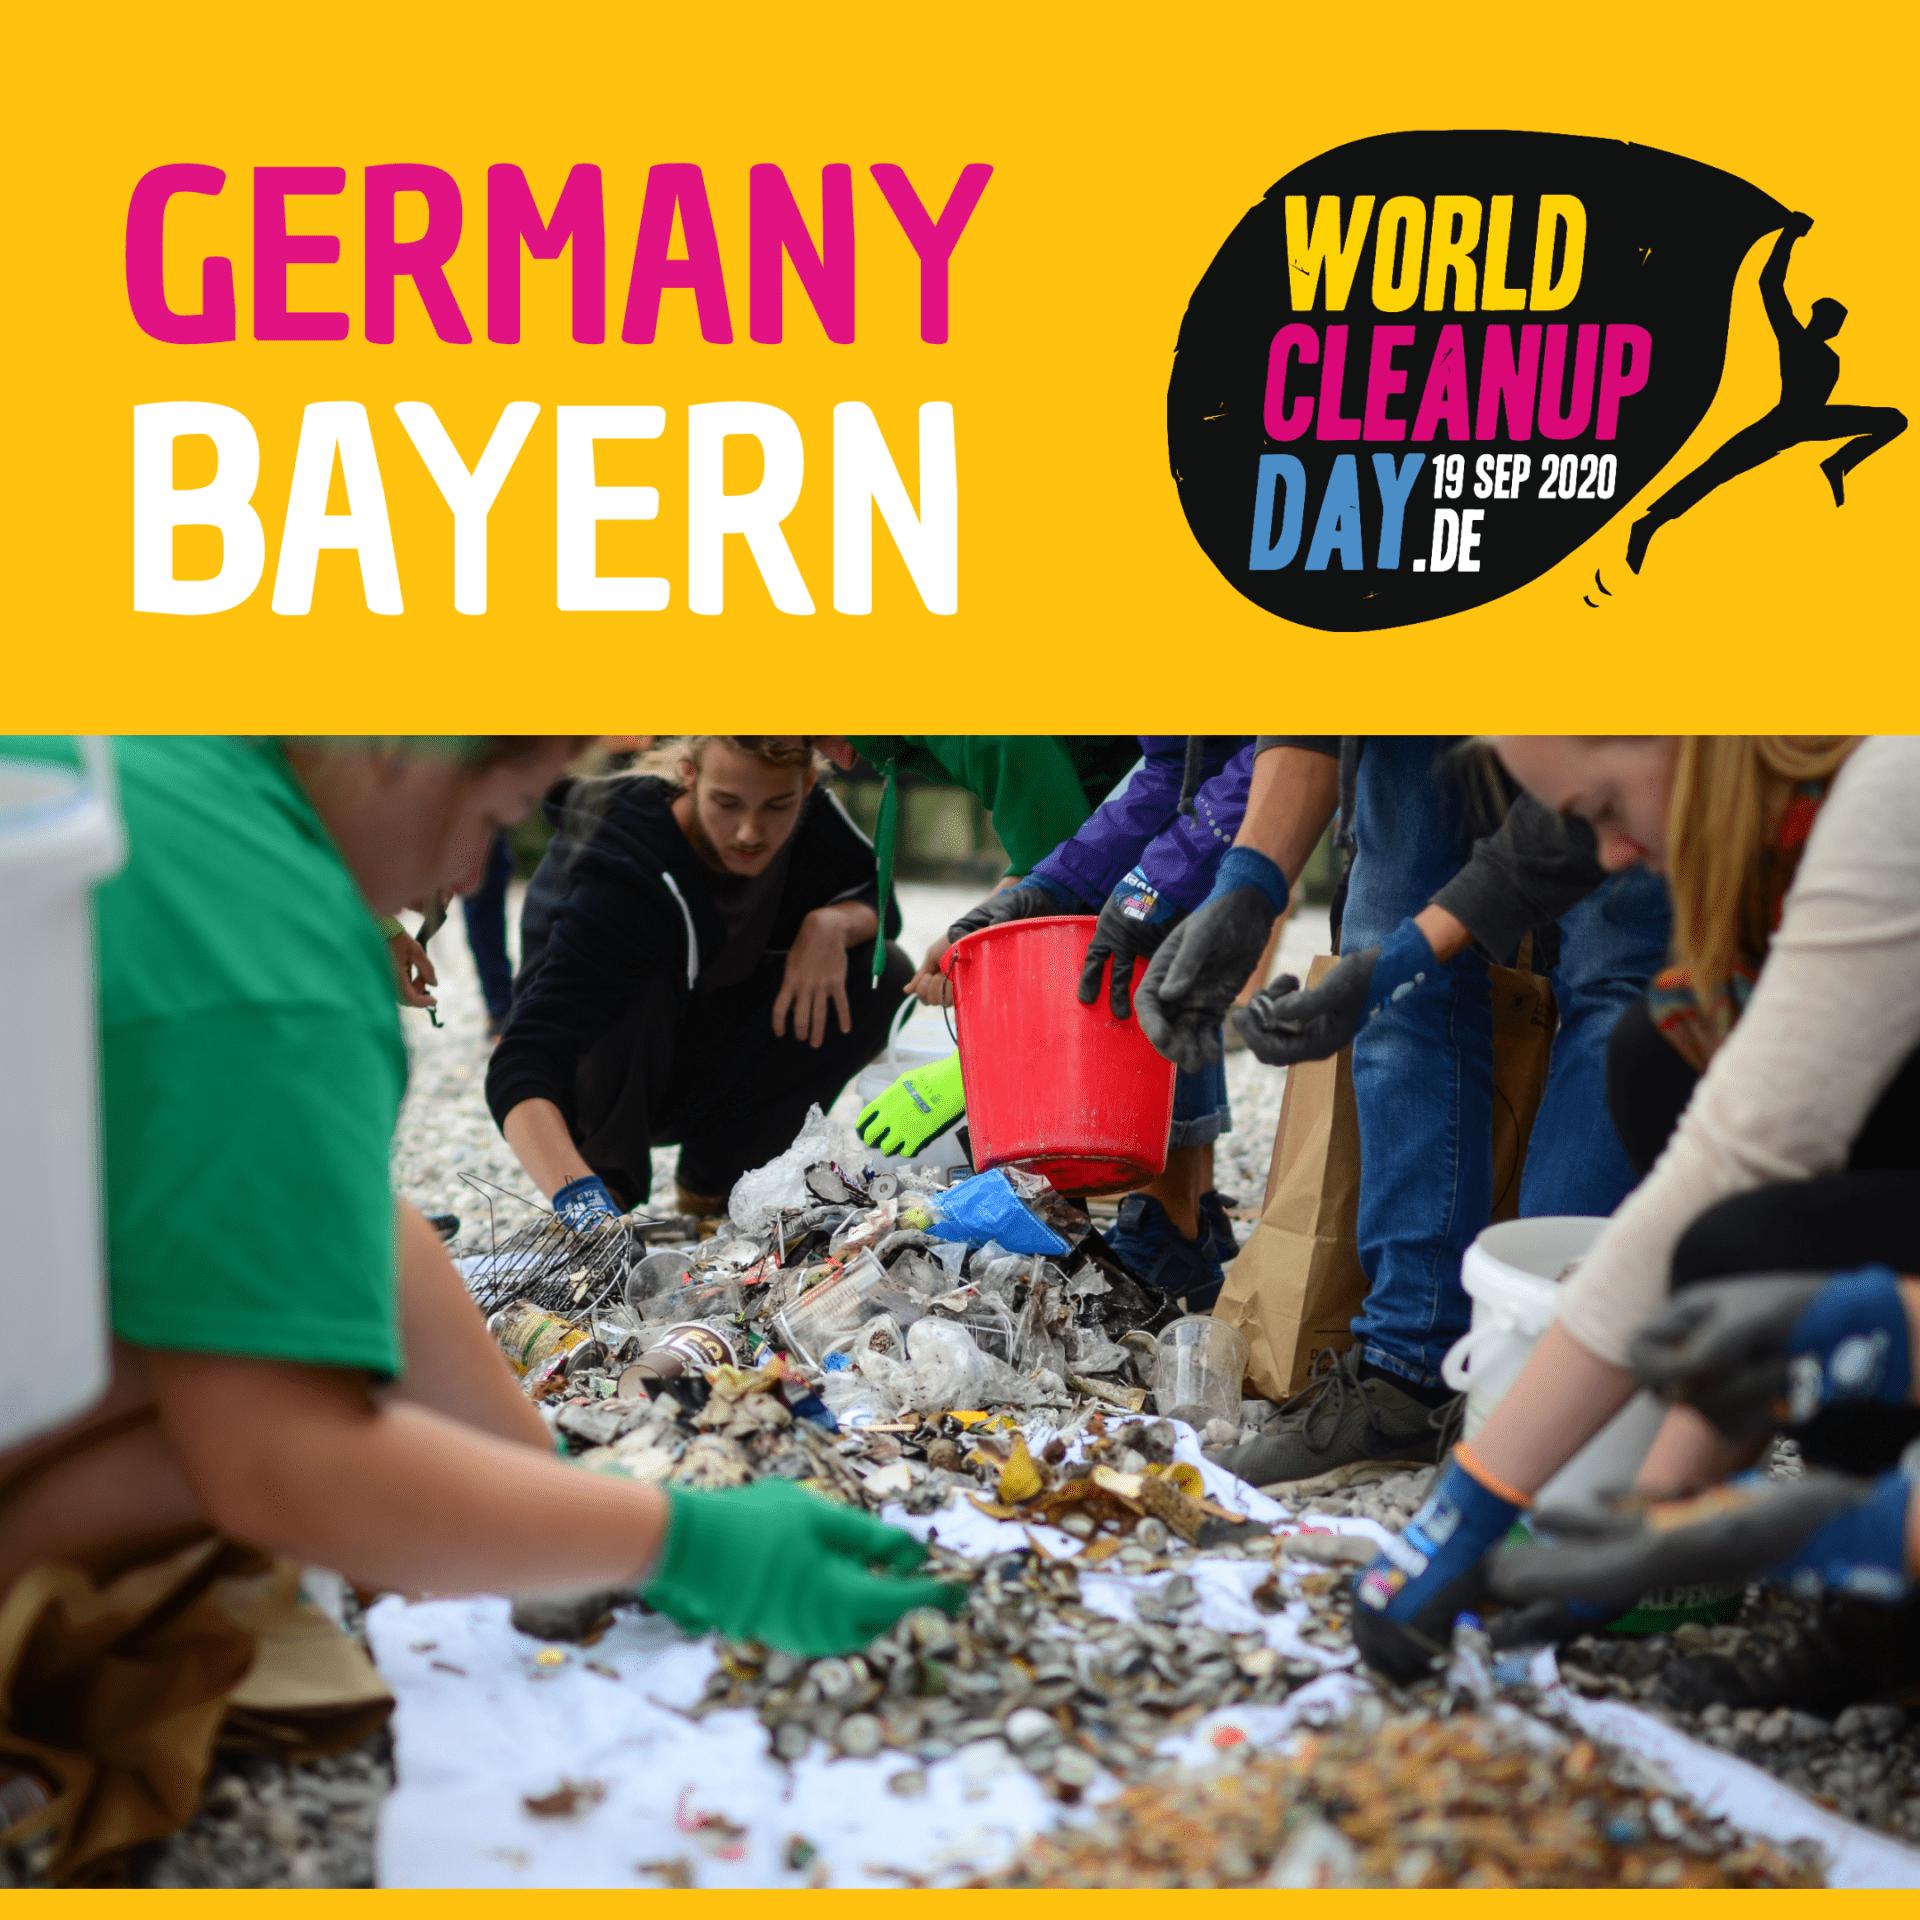 World Cleanup Day 2020 Haunstetten (Bayern)